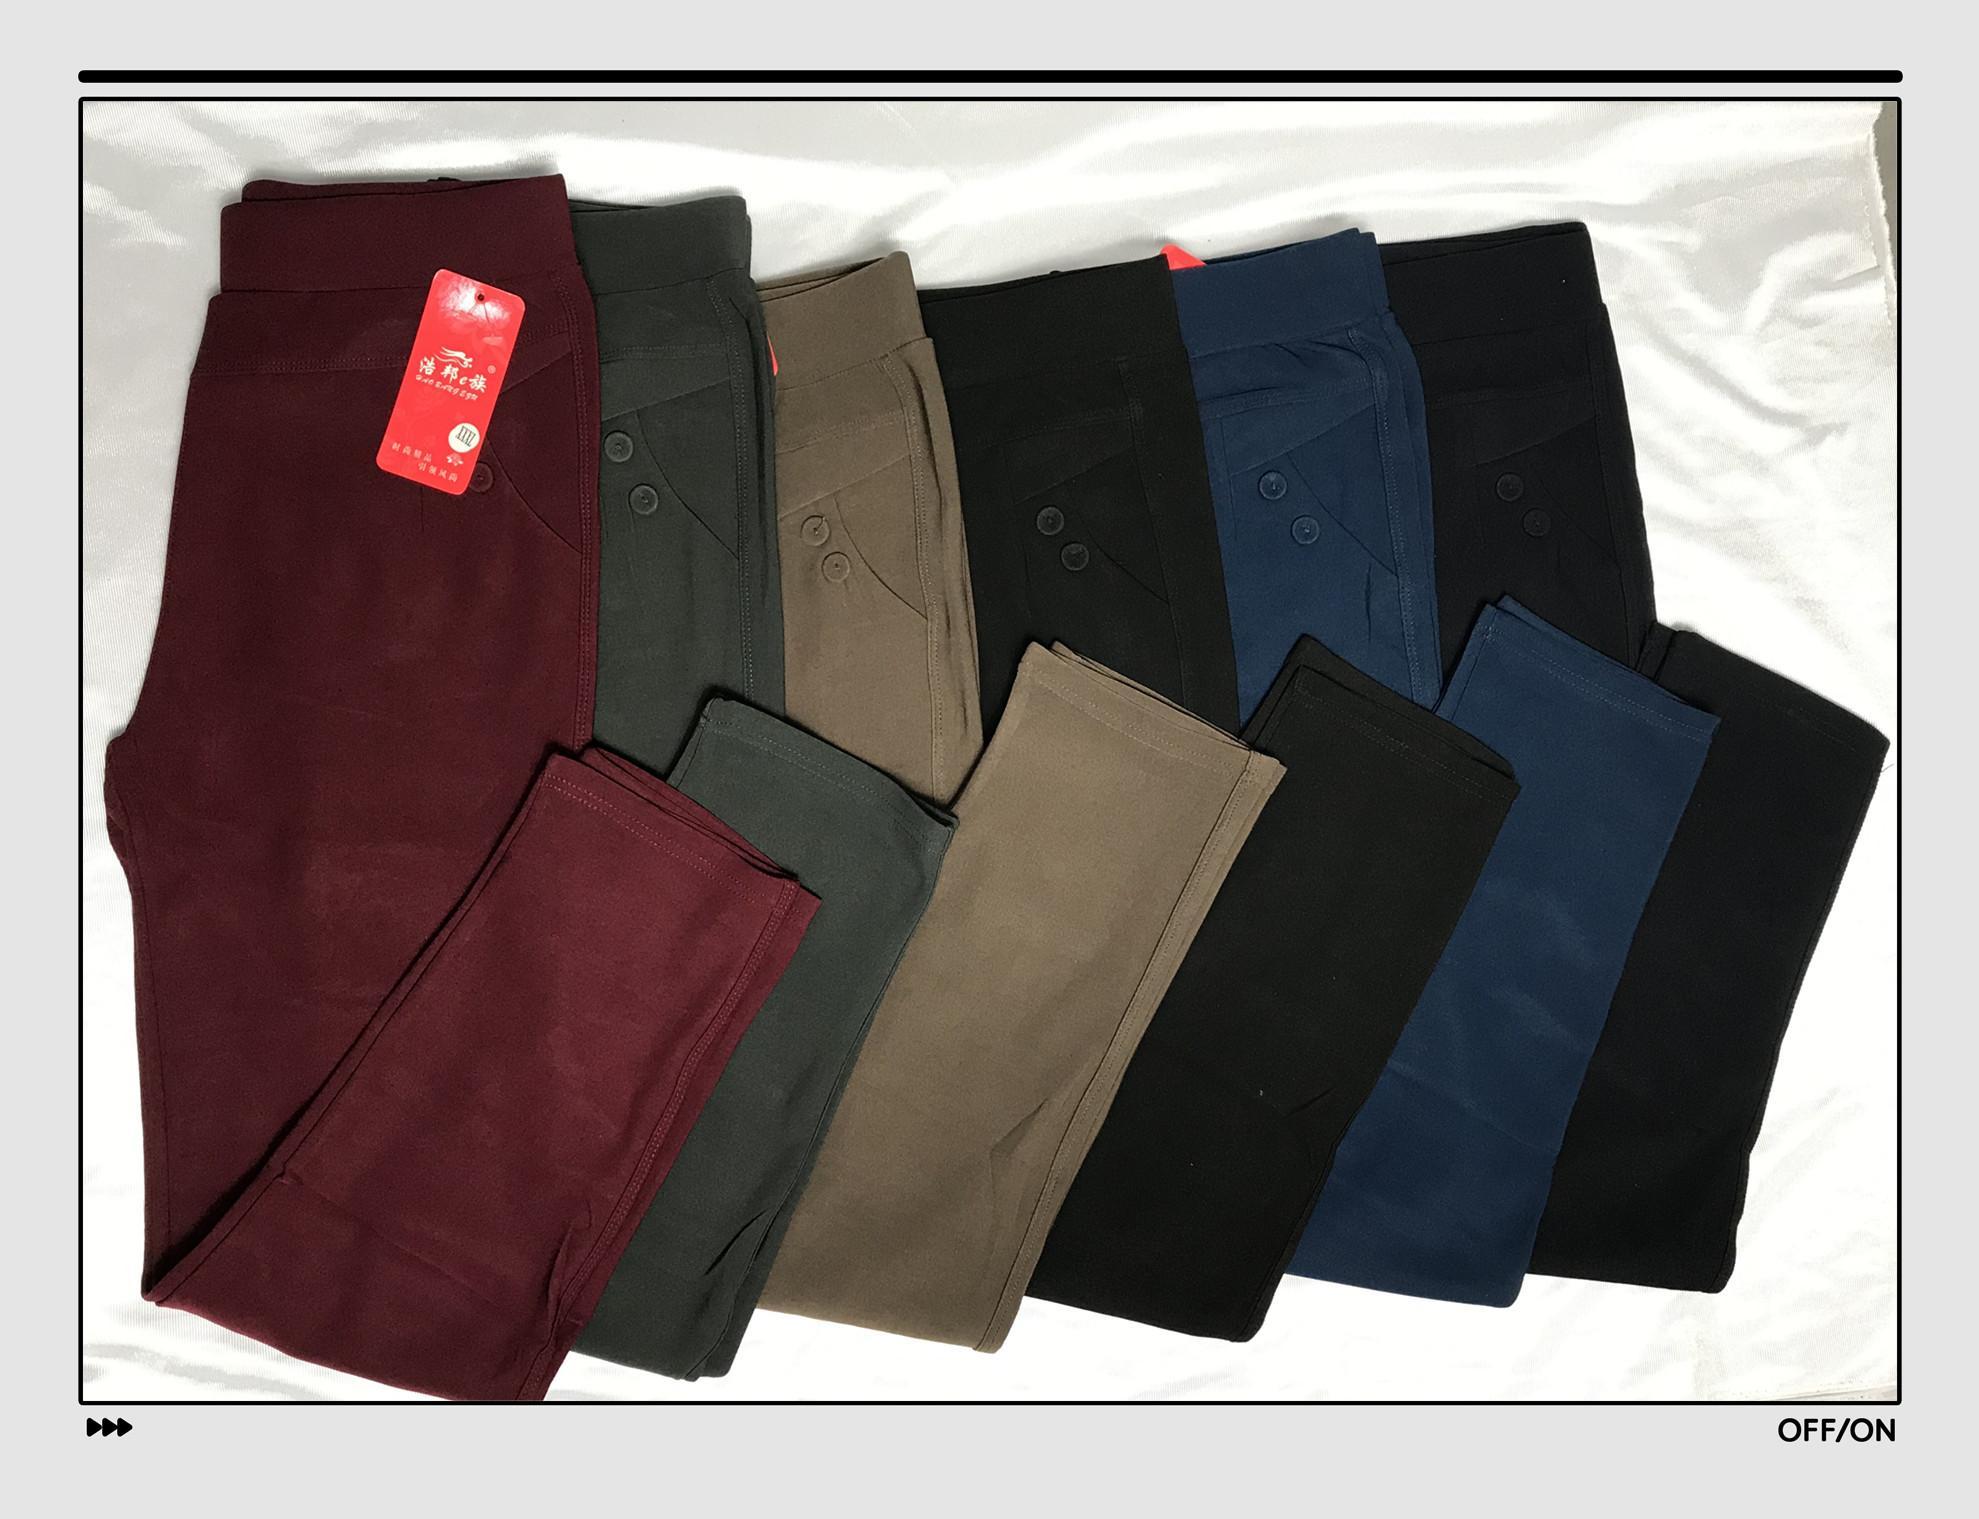 cc4d877a776 Pants for Women for sale - Womens Fashion Pants online brands ...